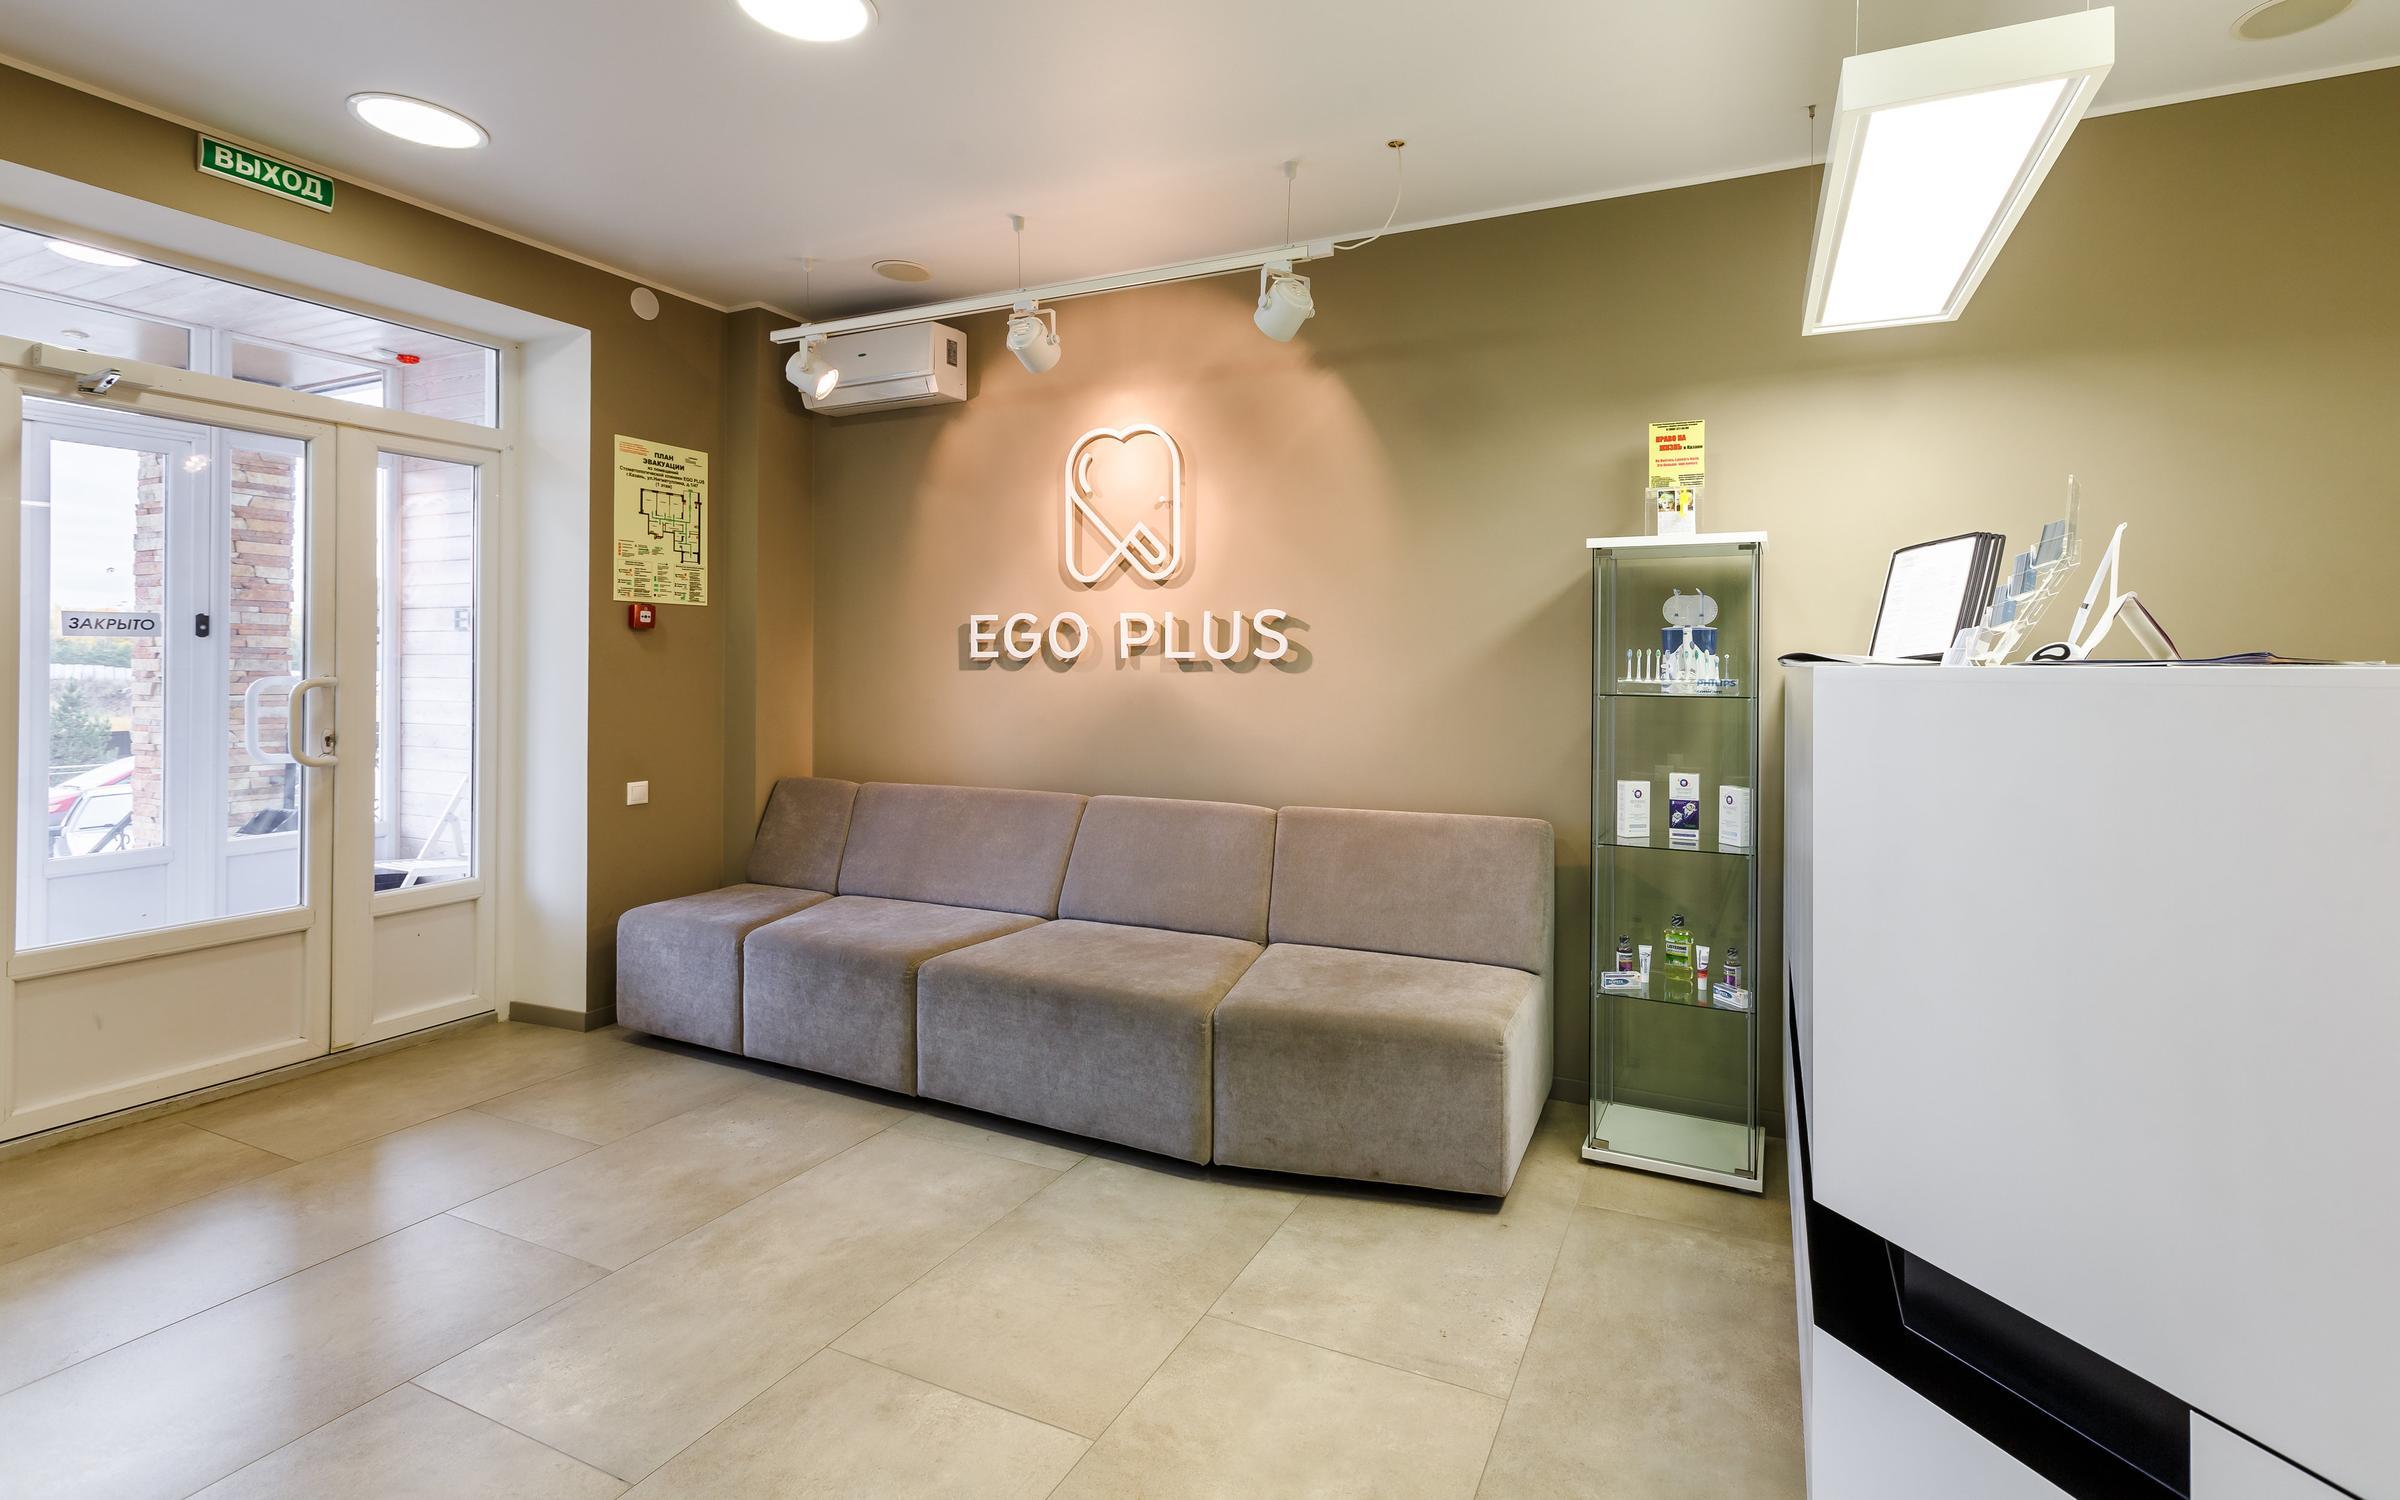 фотография Стоматологического центра EGO plus на улице Нигматуллина